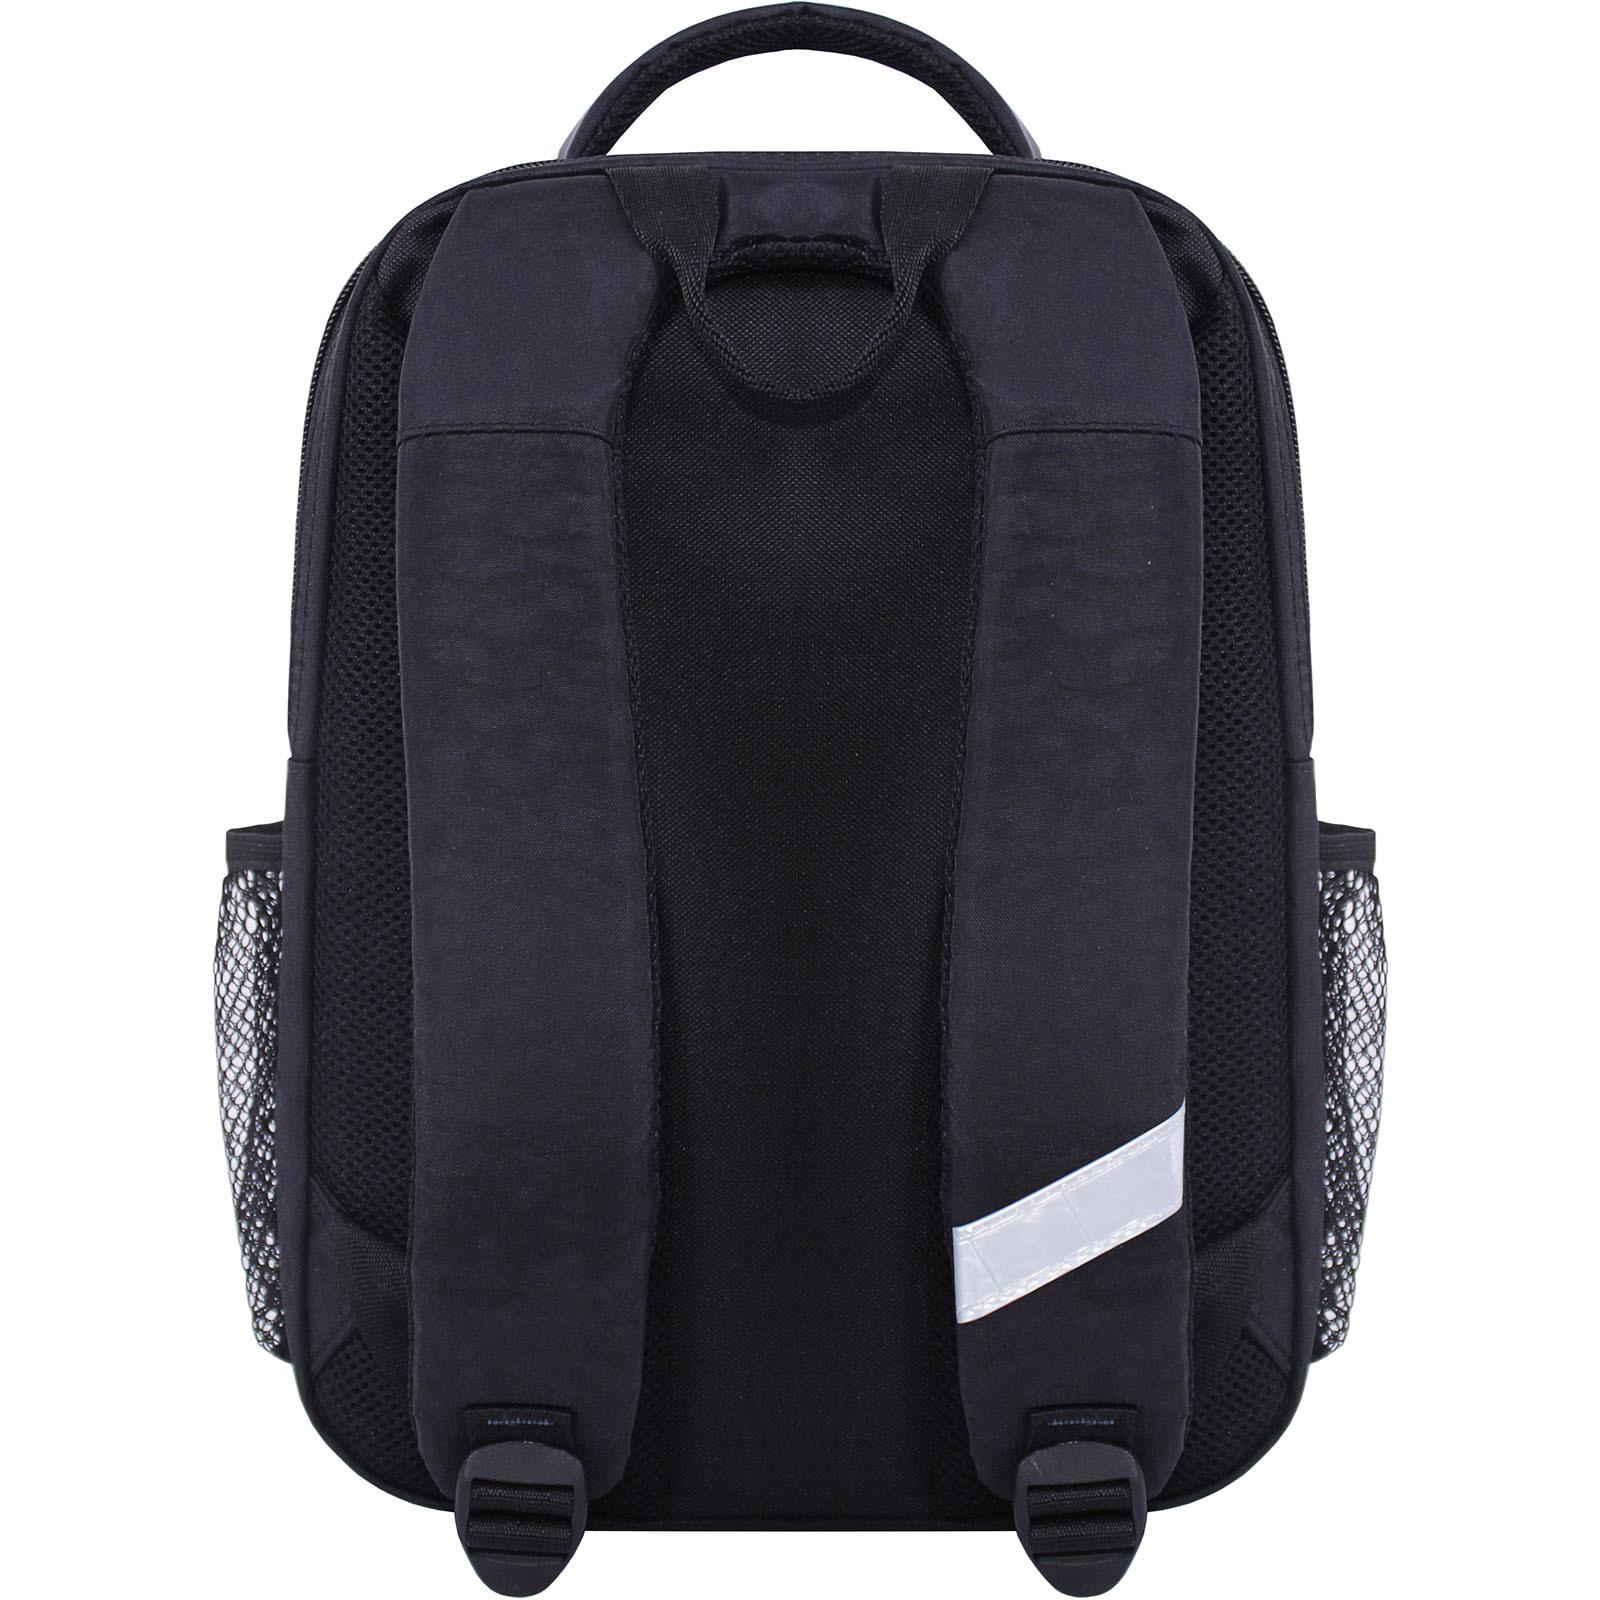 Рюкзак школьный Bagland Школьник 8 л. черный 568 (0012870) фото 3